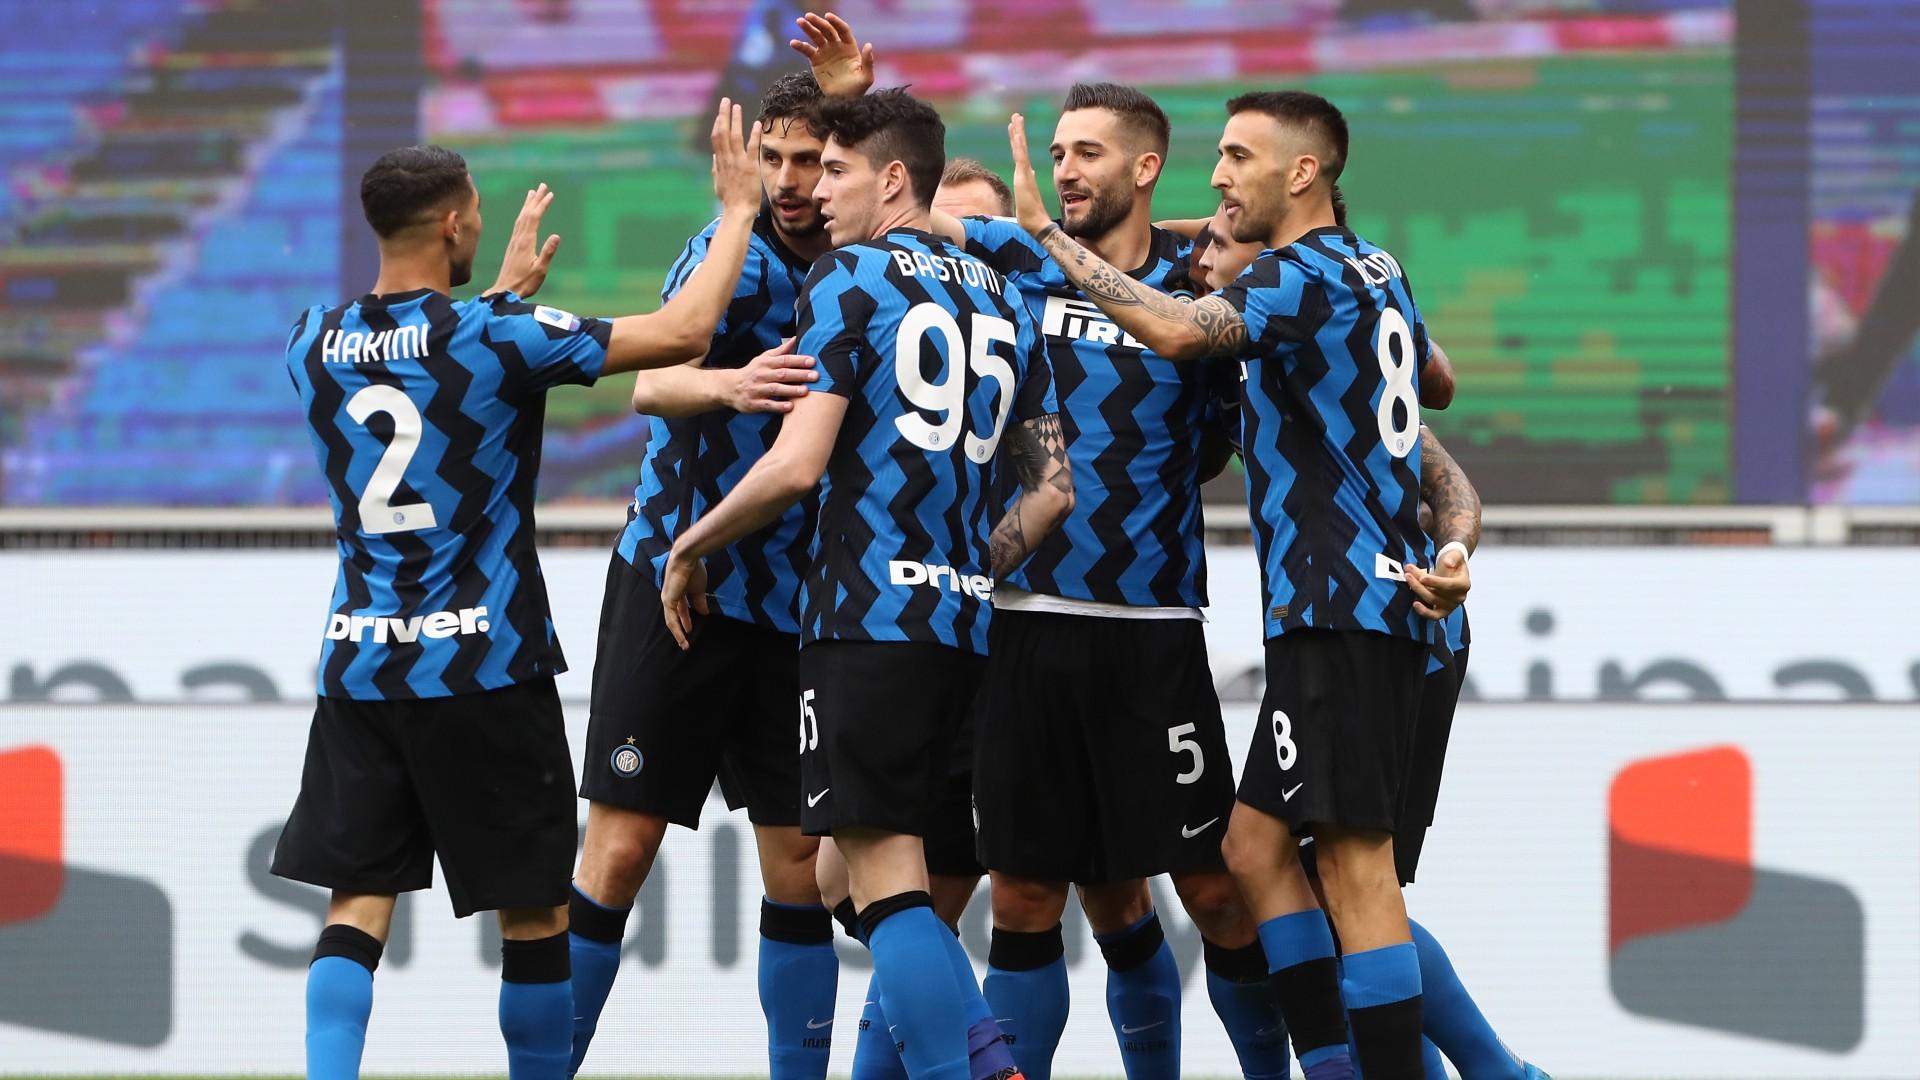 Inter vs. Udinese en vivo: partido online, resultado, goles, videos y formaciones